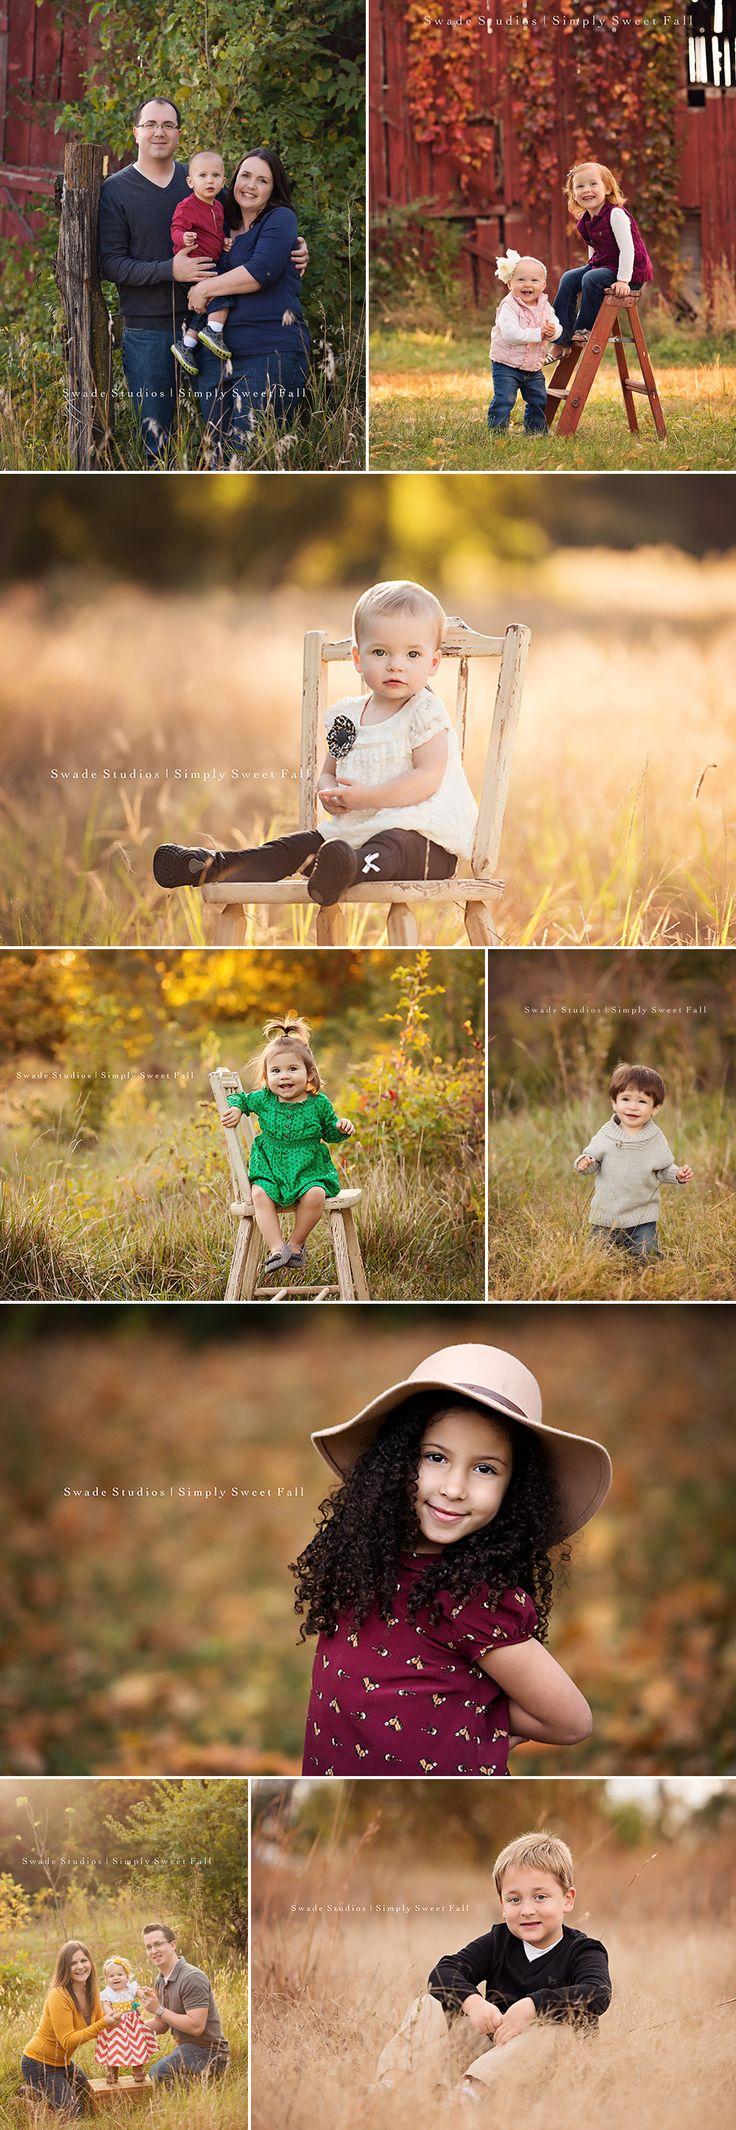 Kansas City Family Photography Swade Studios